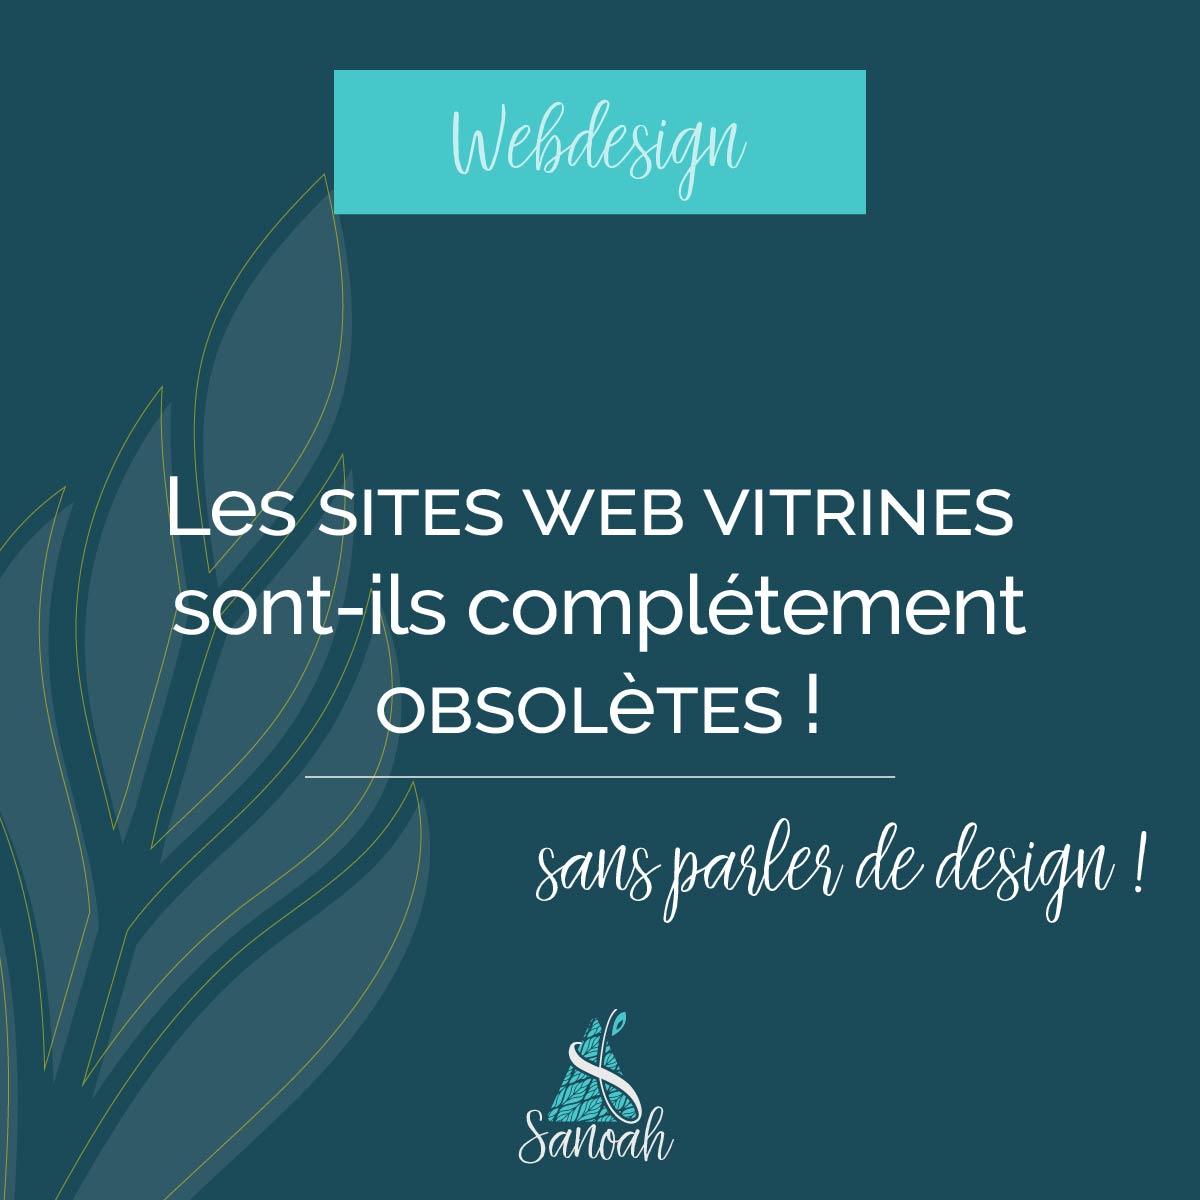 La plupart des sites web sont-ils obsolètes_